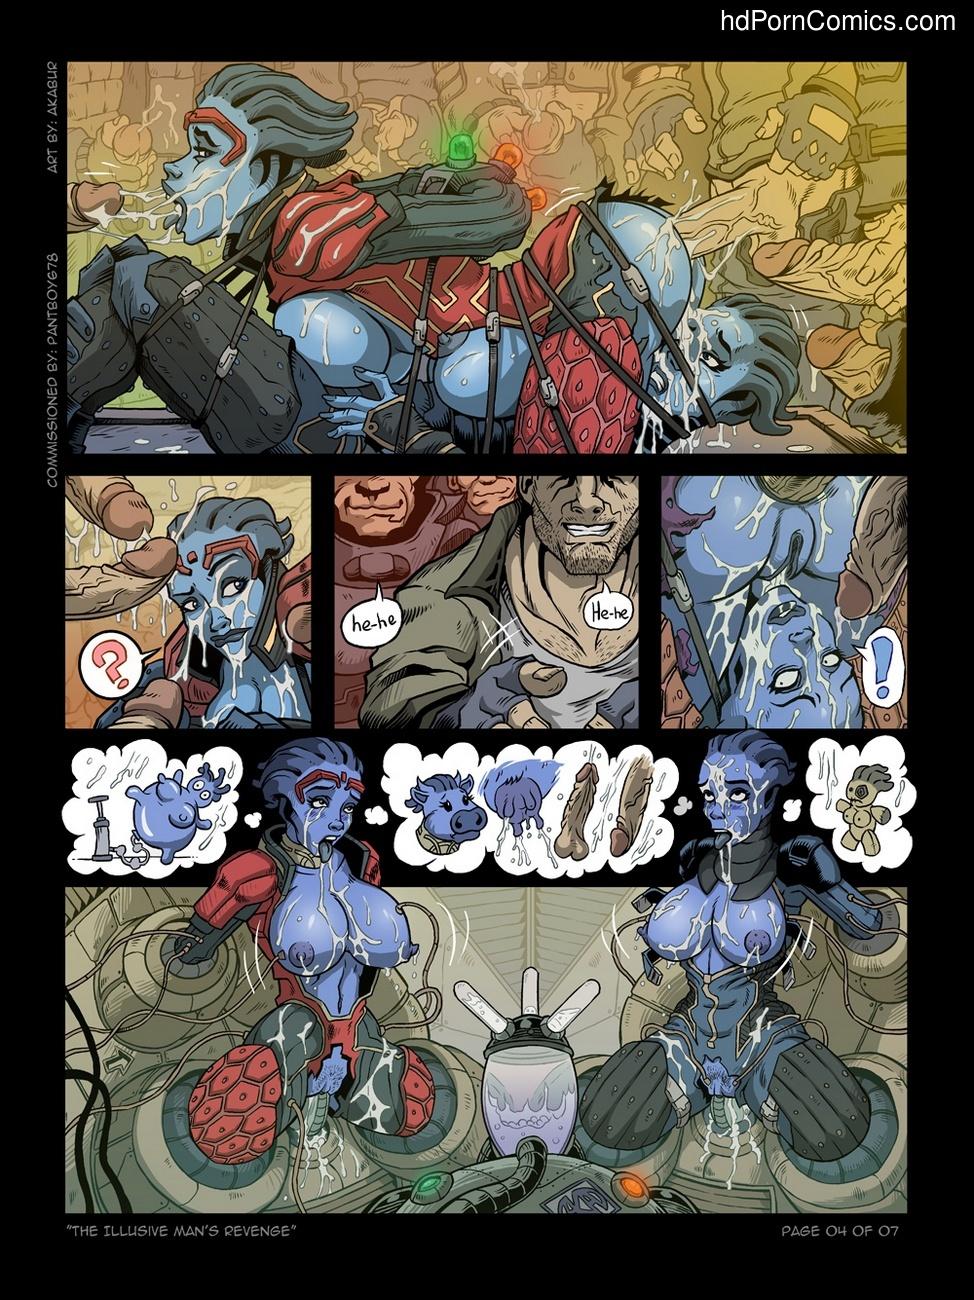 The Illusive Man's Revenge 5 free sex comic